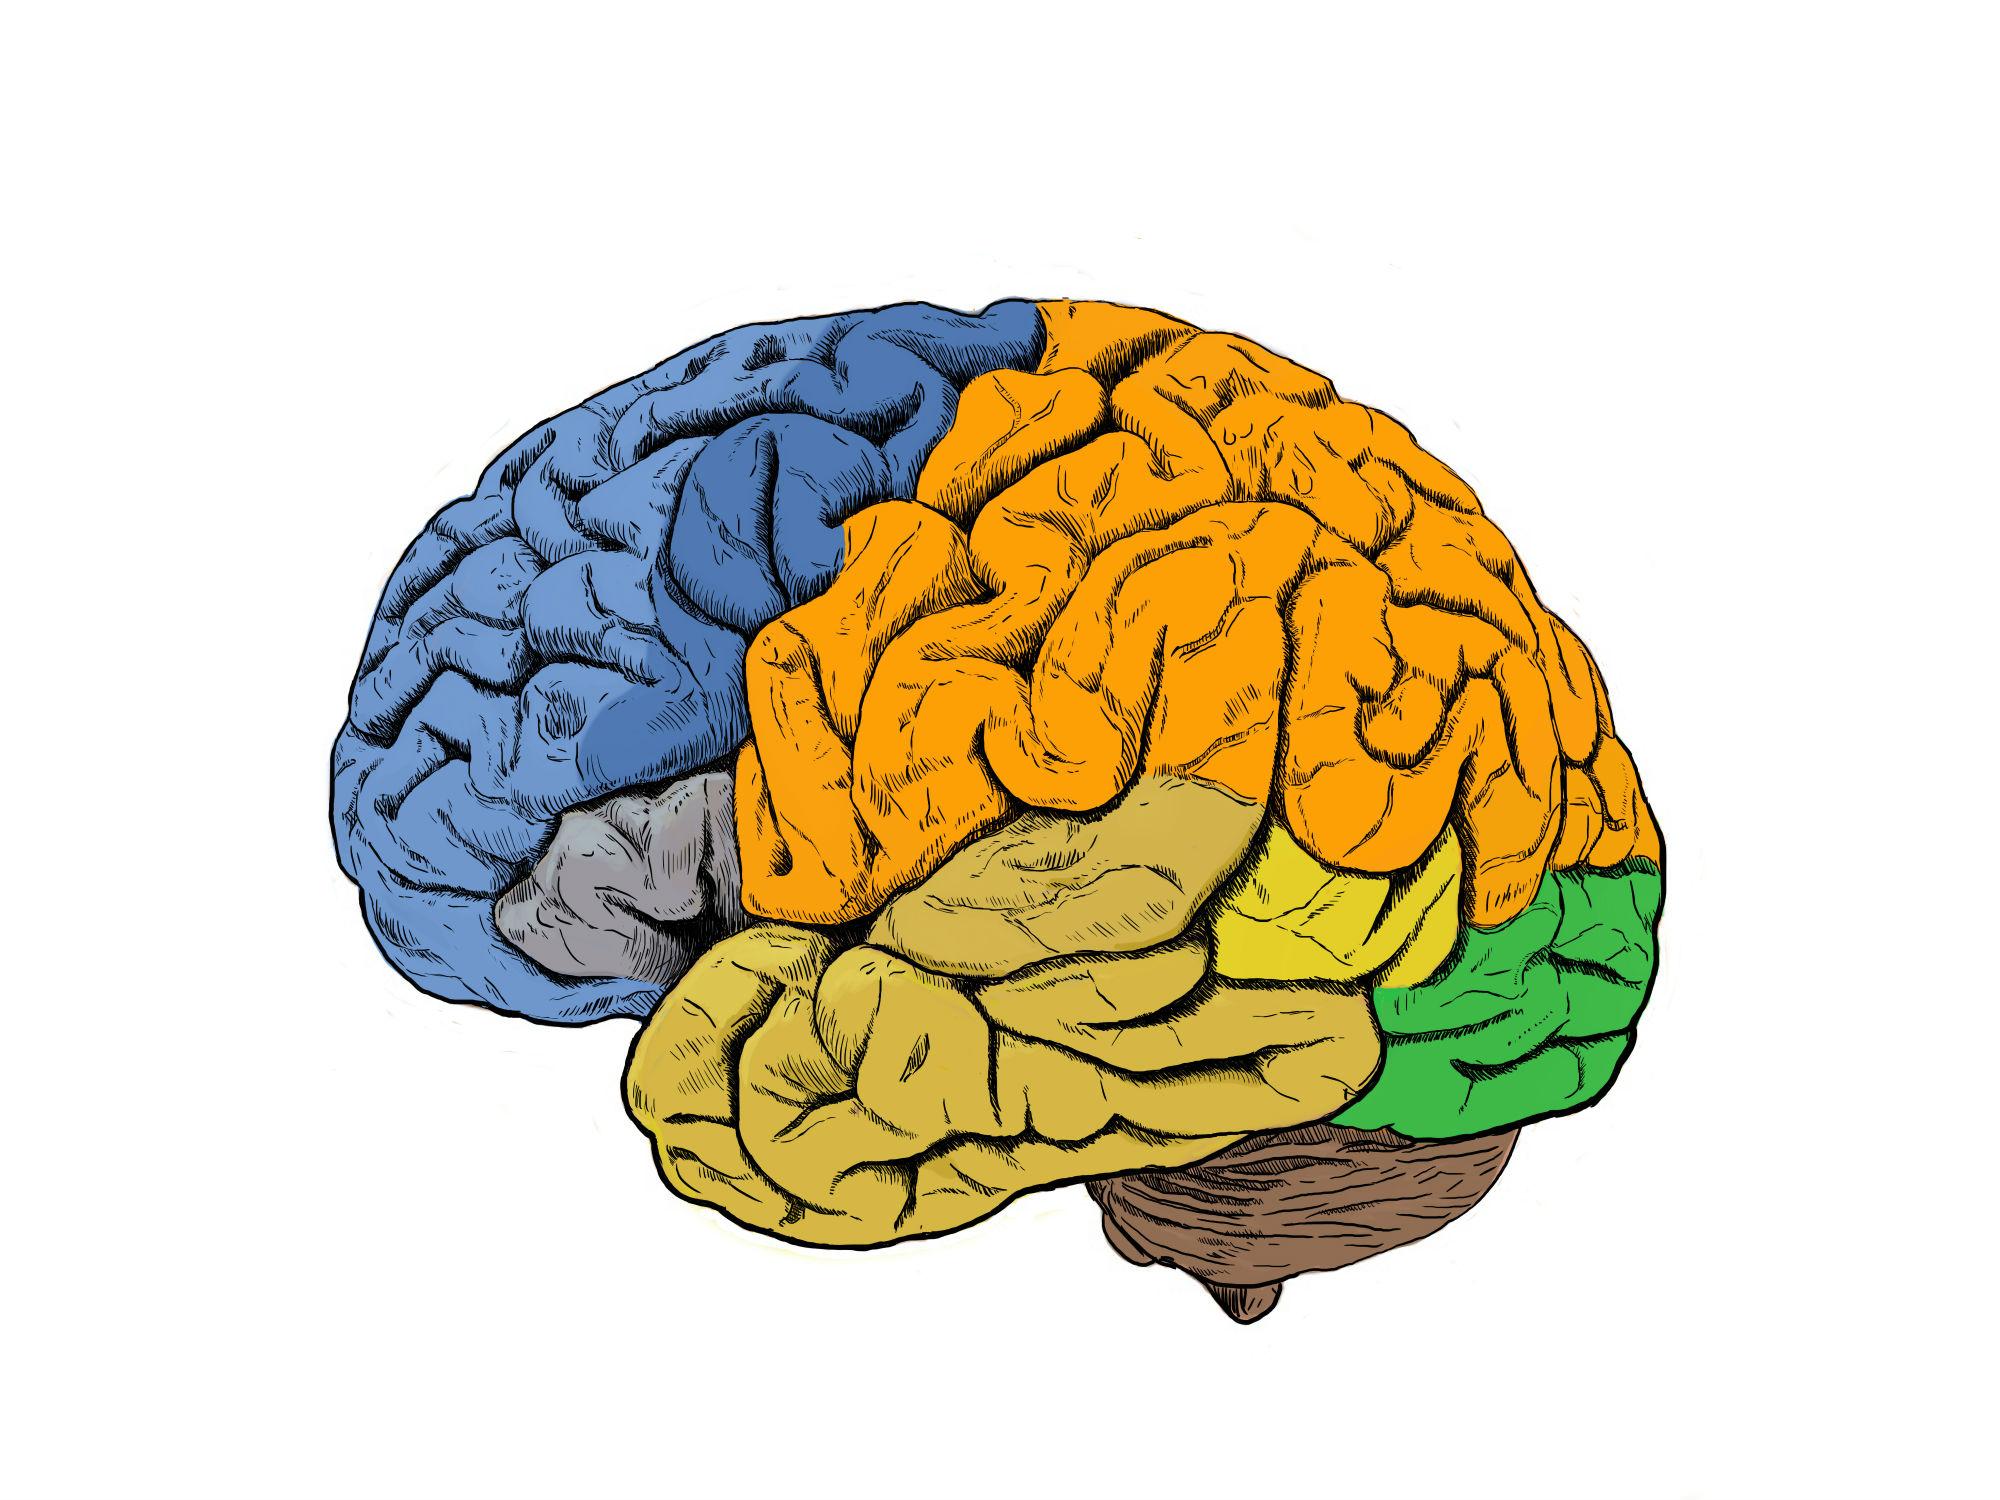 imagen de Las investigaciones se han centrado en áreas motoras (en azul oscuro) y sensoriales (en naranja) de la corteza cerebral. / CSIC